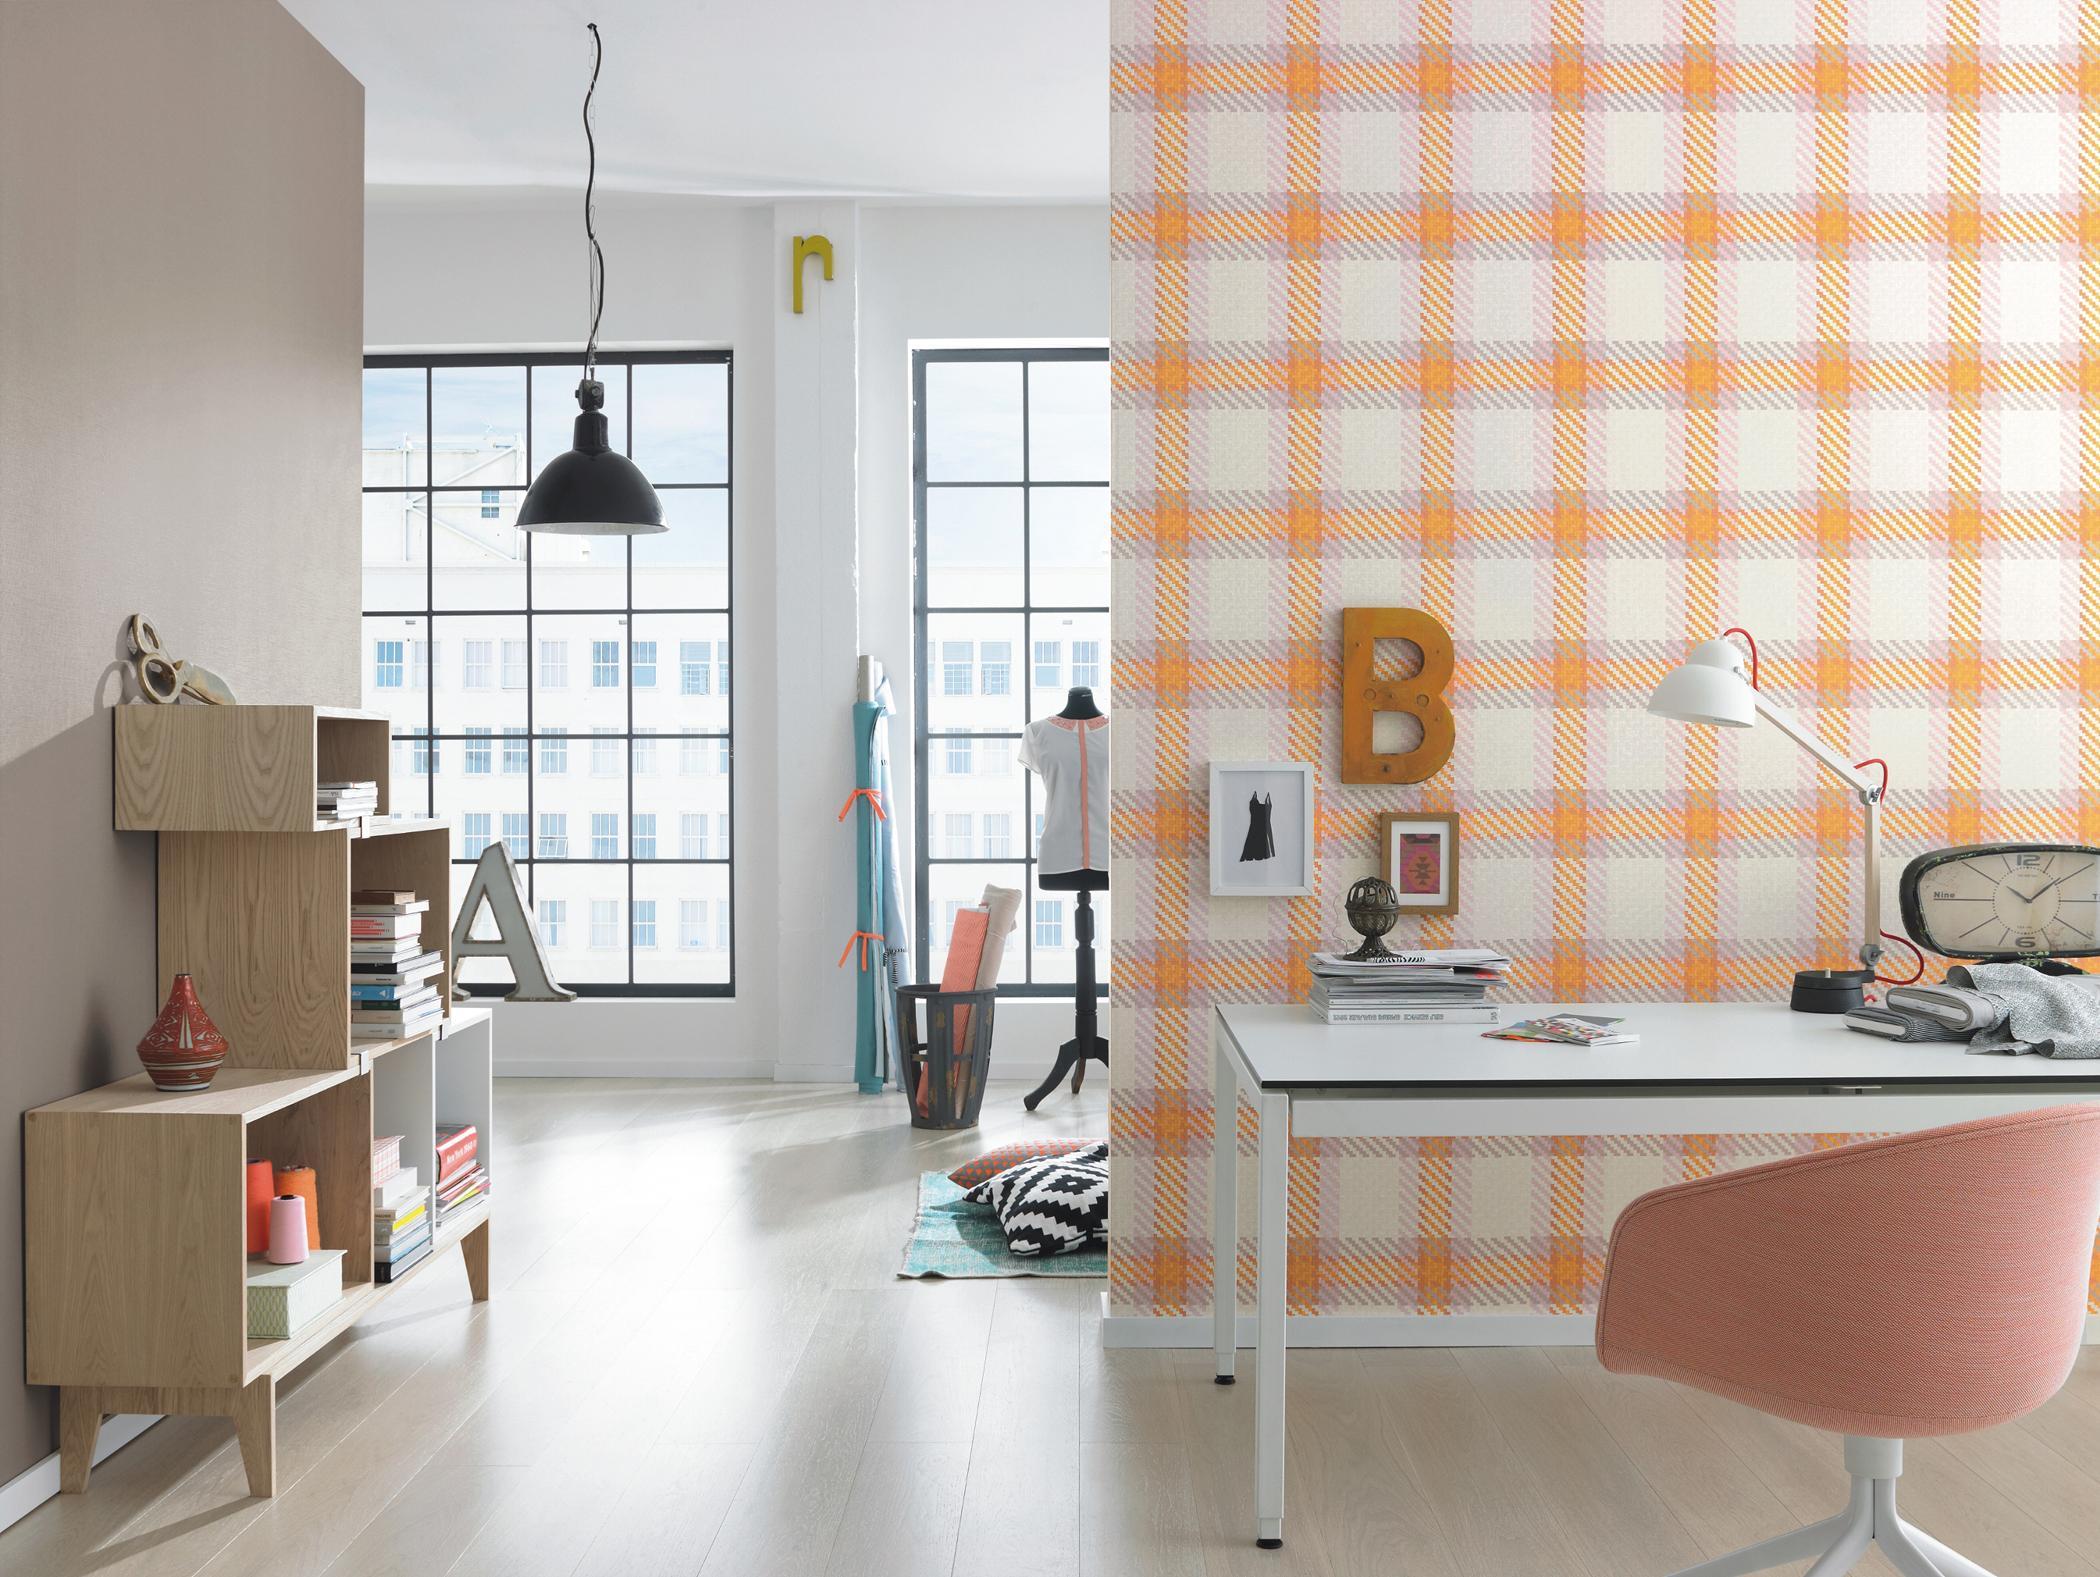 Arbeitszimmer gestalten  Arbeitszimmer gestalten mit Tapete im Karomuster #st...